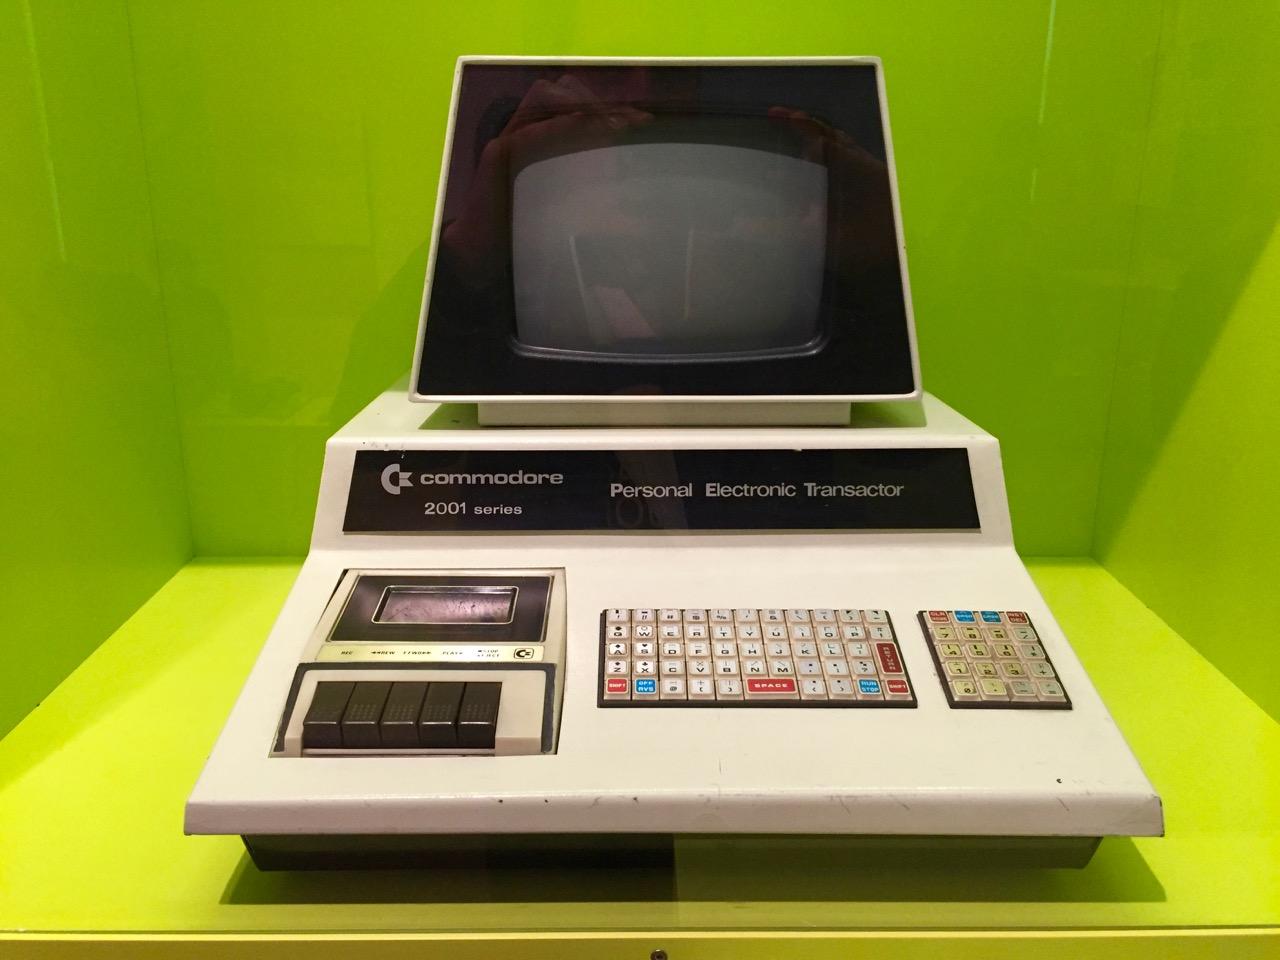 Der Commodore PET 2001 erschien im Jahre 1977. (Bild: André Eymann)